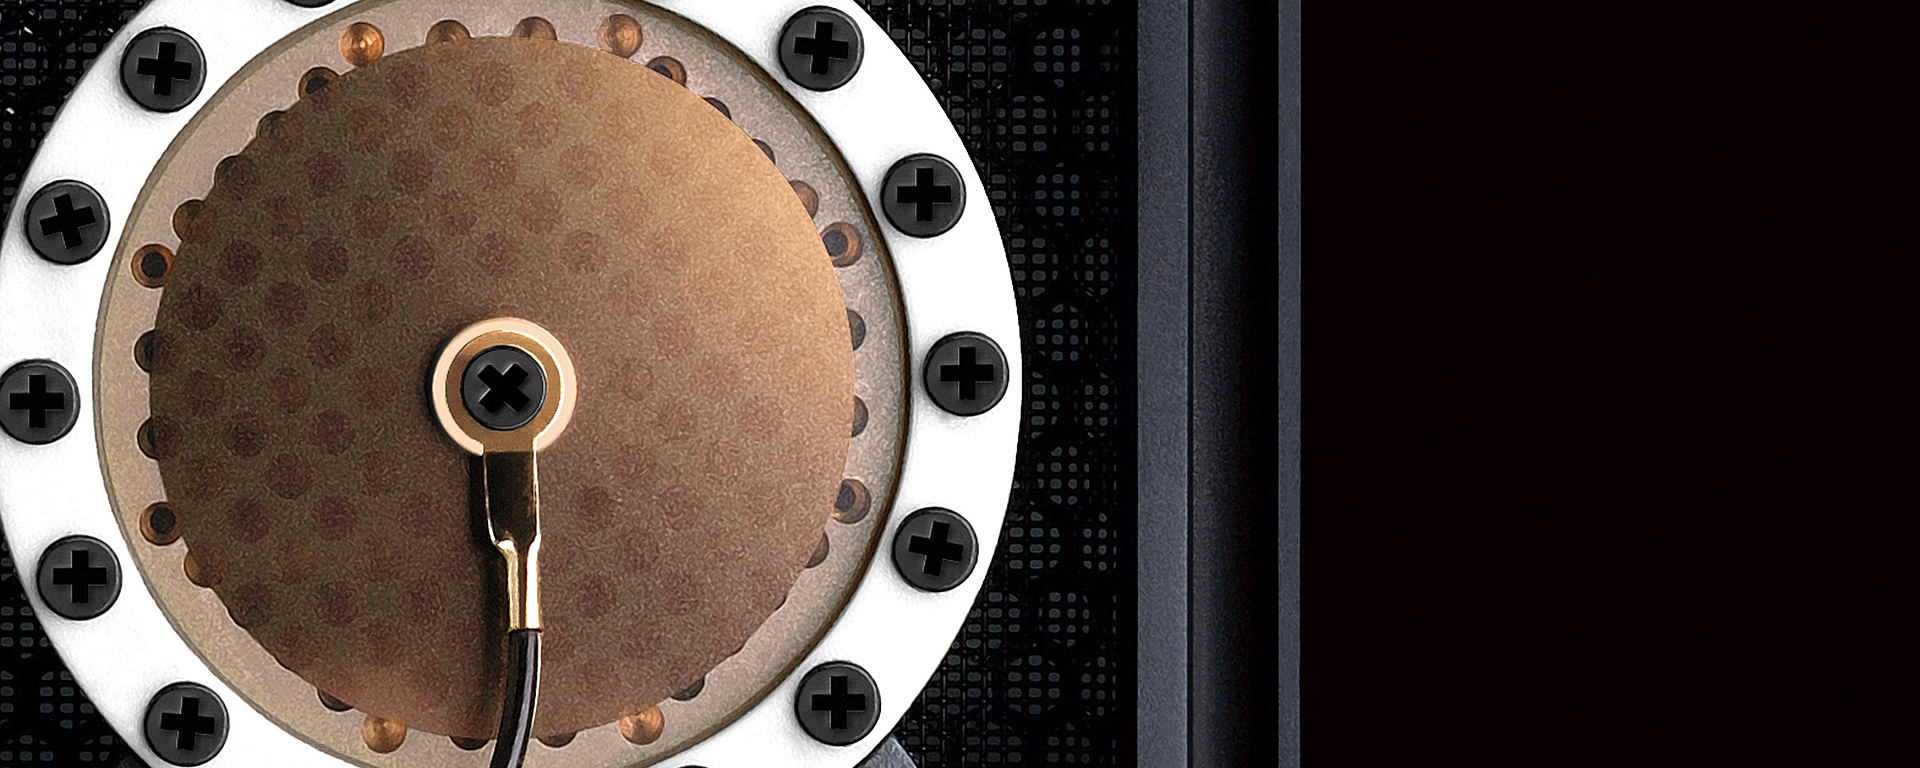 LC 10 capsule detail shot